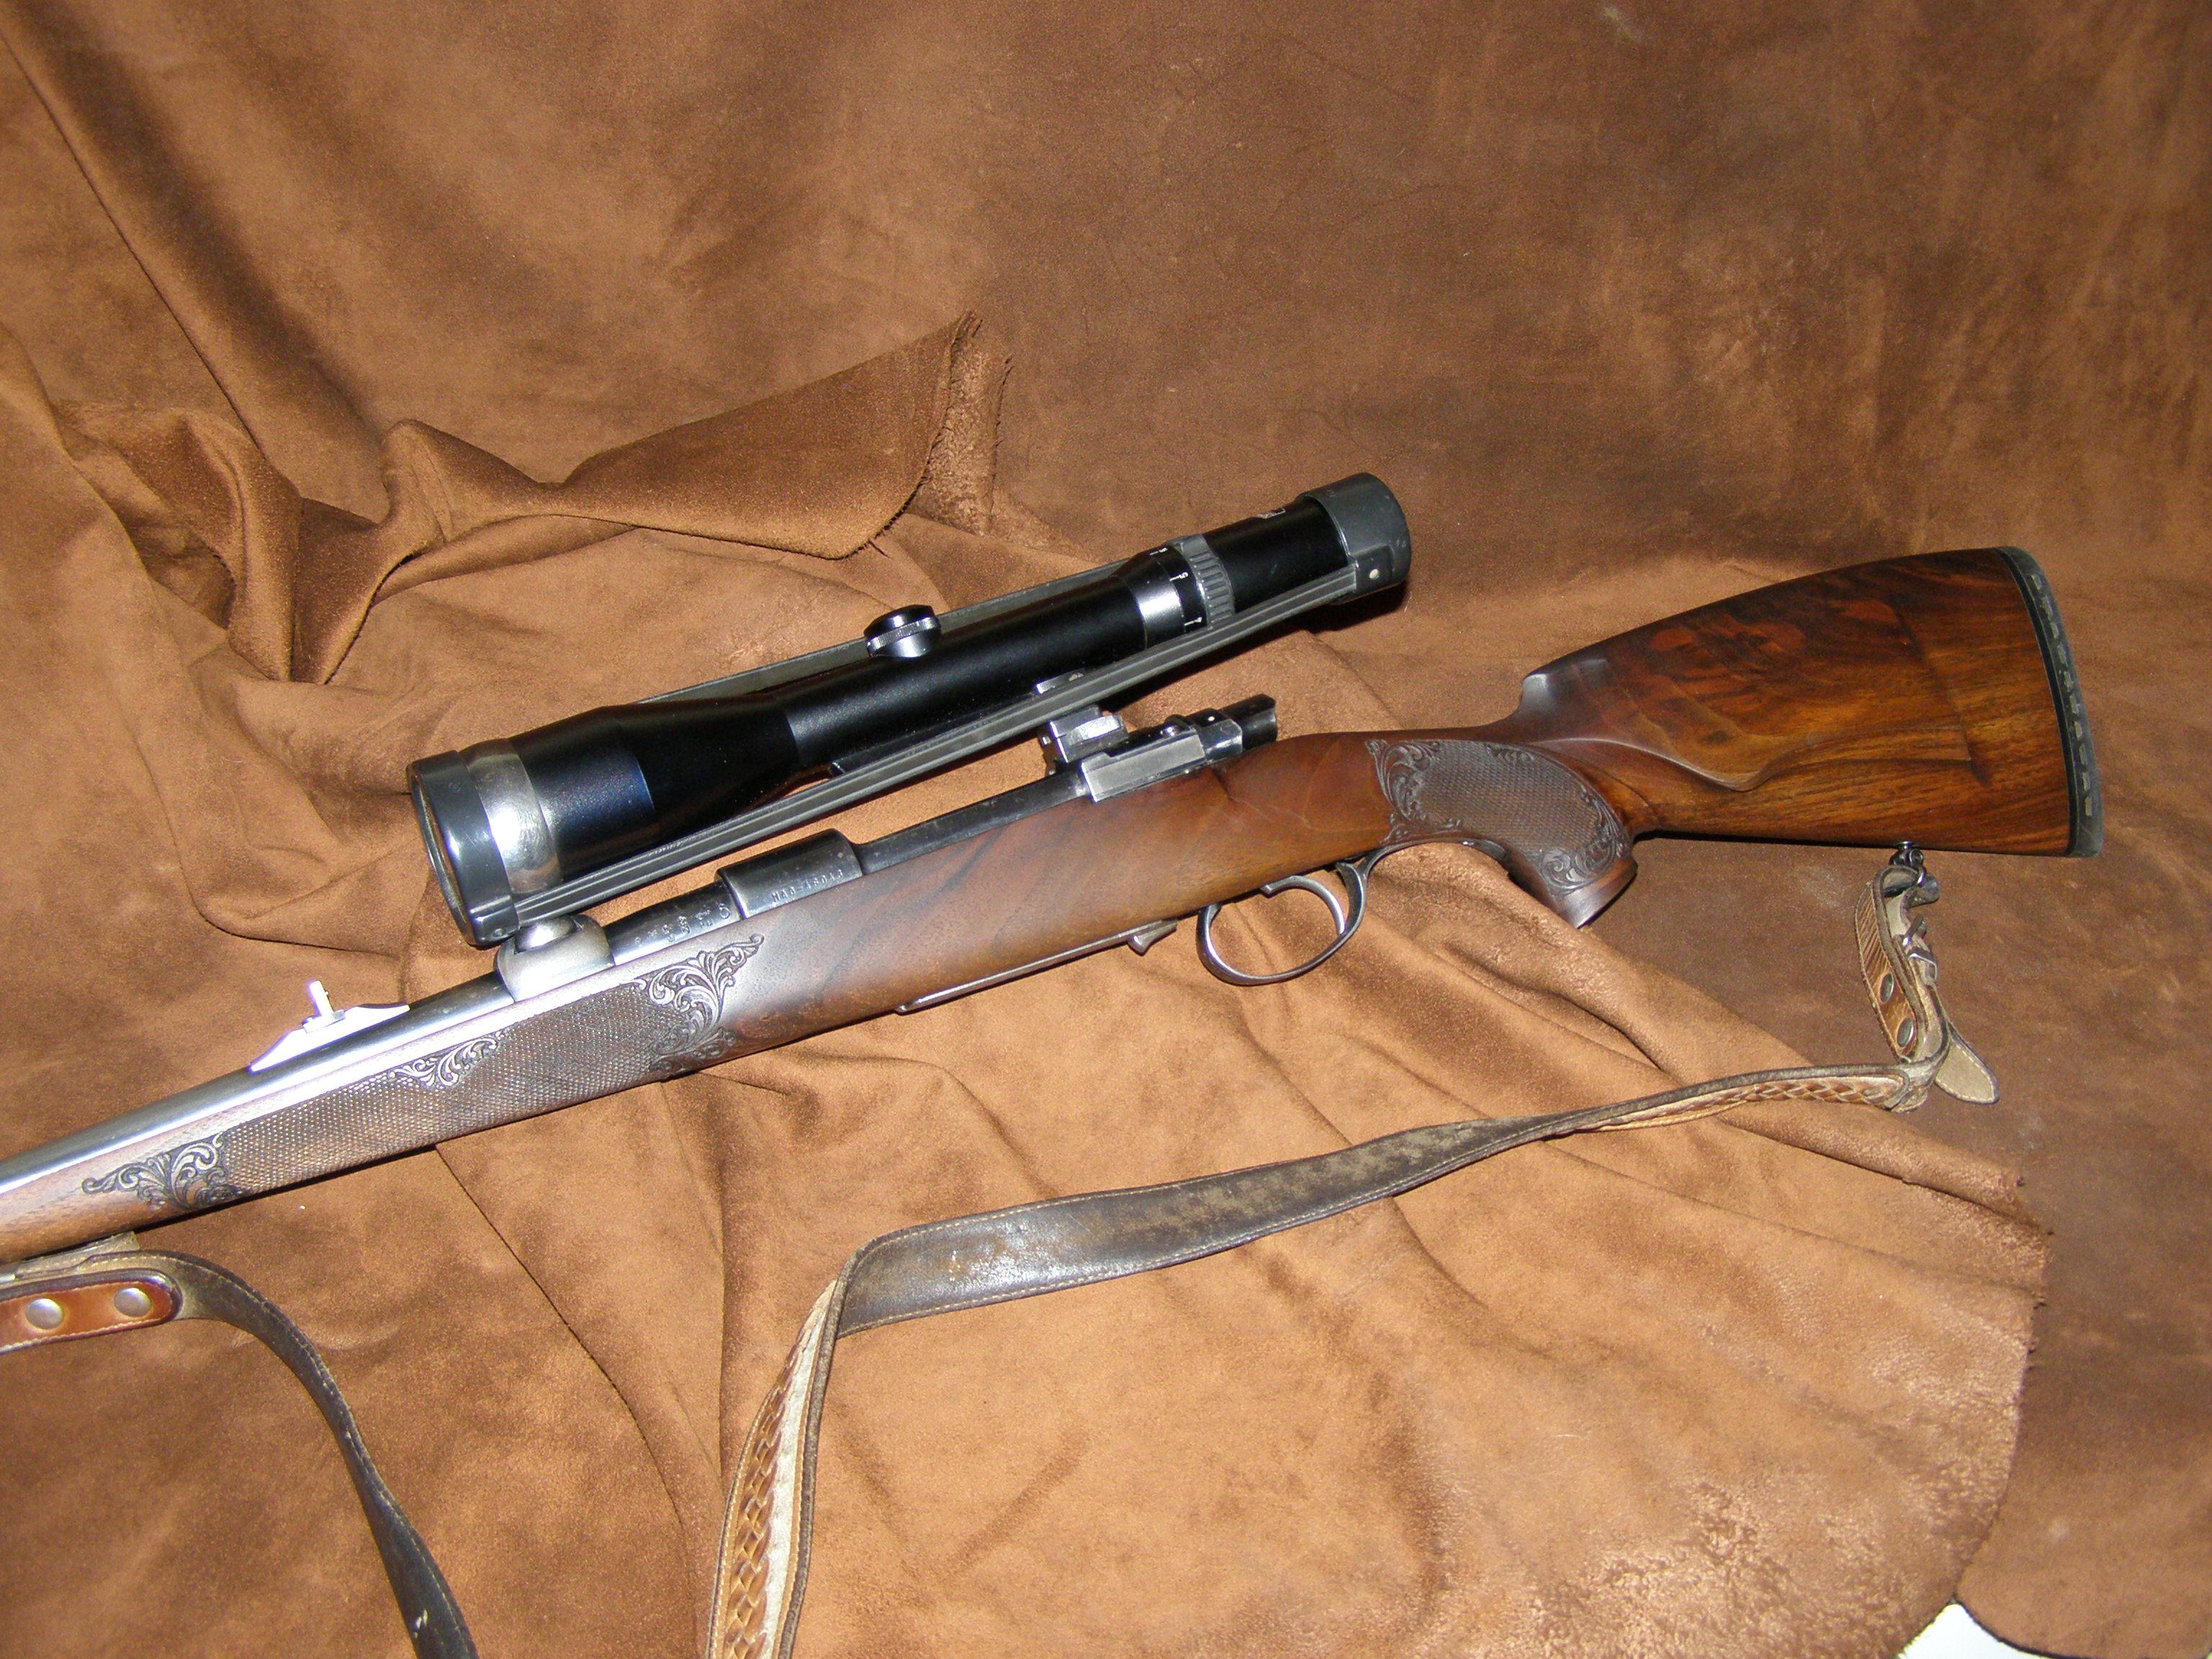 Céltávcső szerelés - fix, oldható kivitelben, fegyver belövés